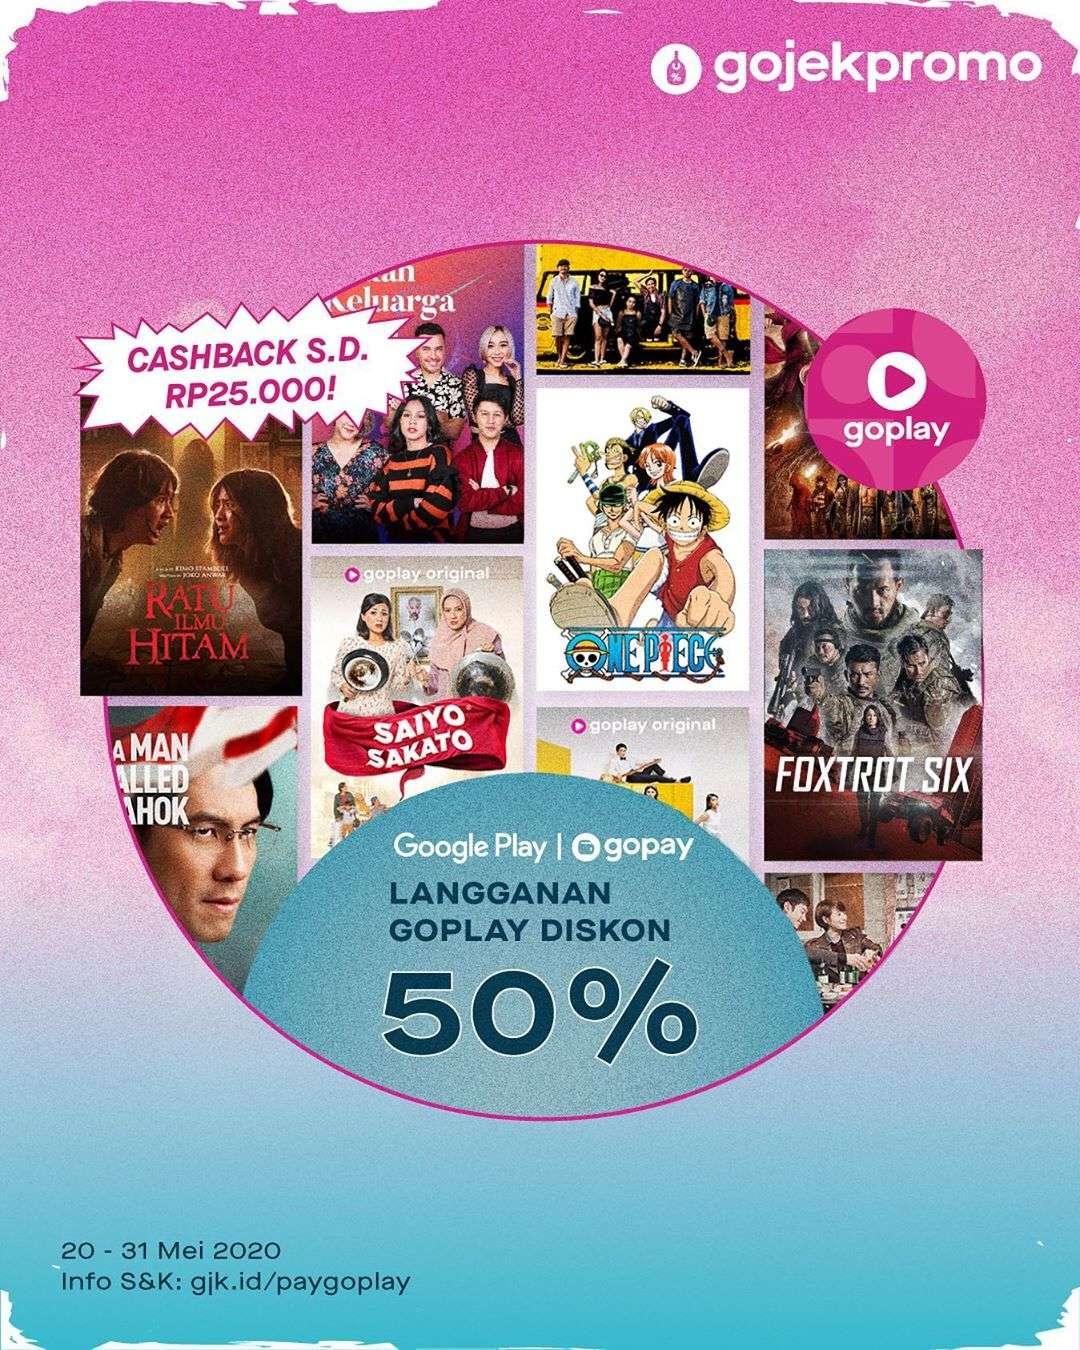 Diskon Gojek Promo Diskon 50% + Cashback Rp. 25.000 Setiap Langganan Goplay